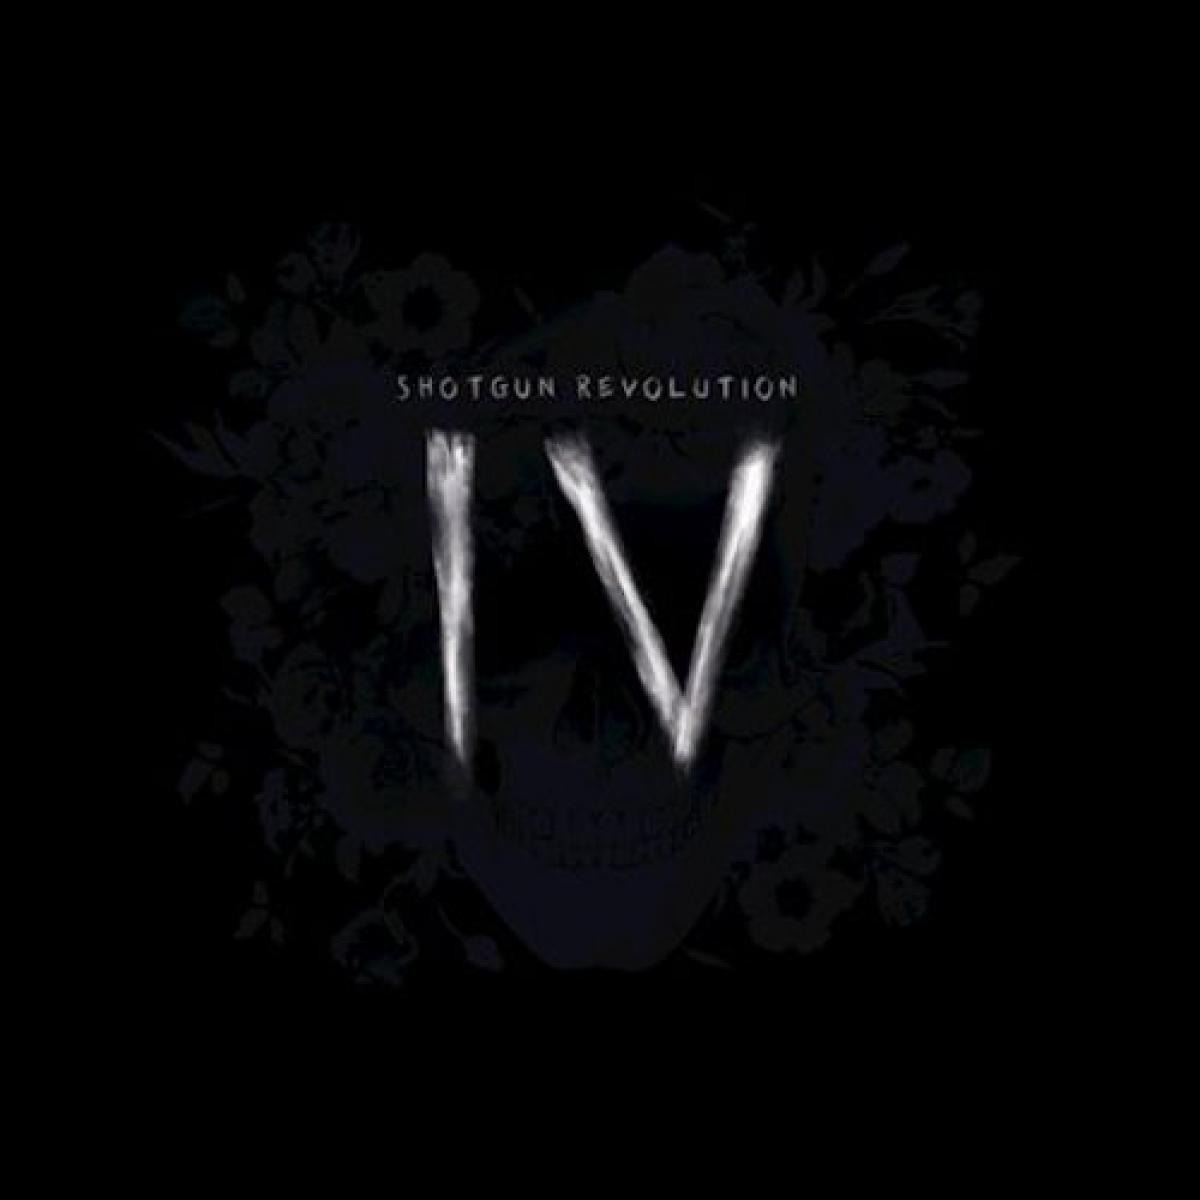 shotgun revolution-IV